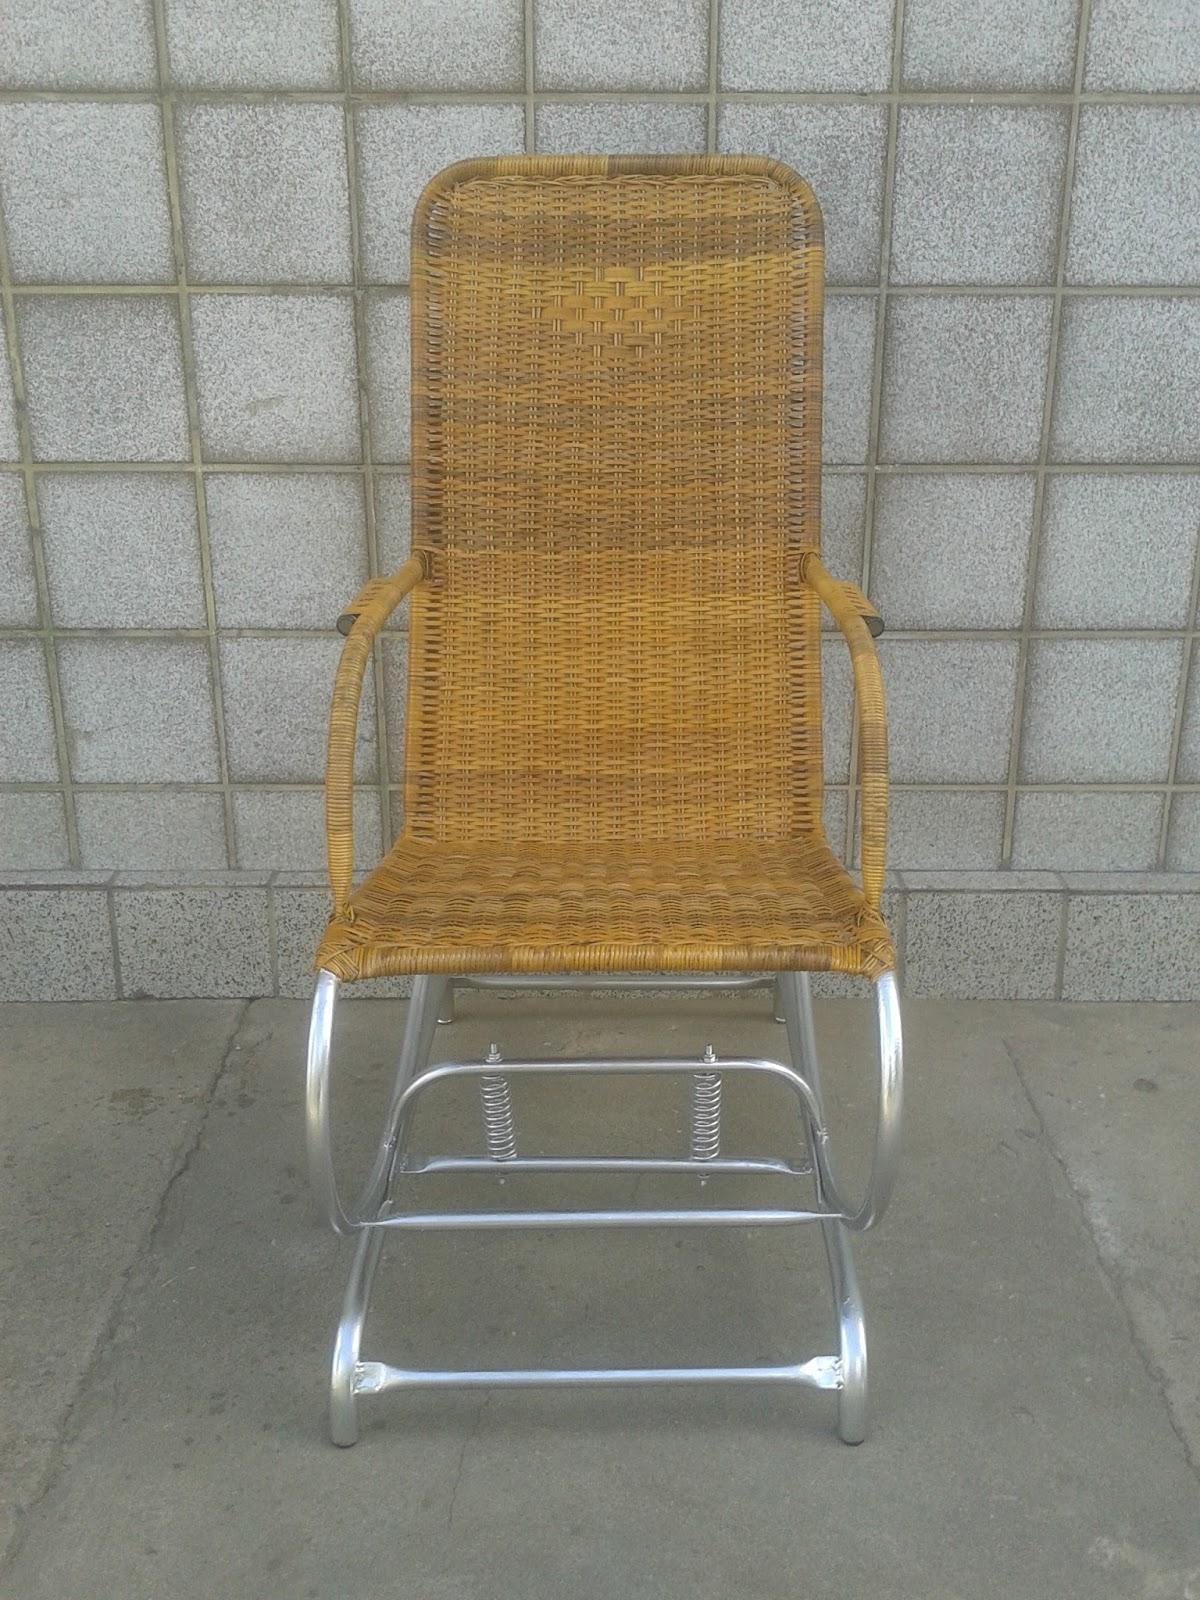 Cadeira de Balanço Adulto com Molas fabricada com Fibra Natural de  #927139 1200x1600